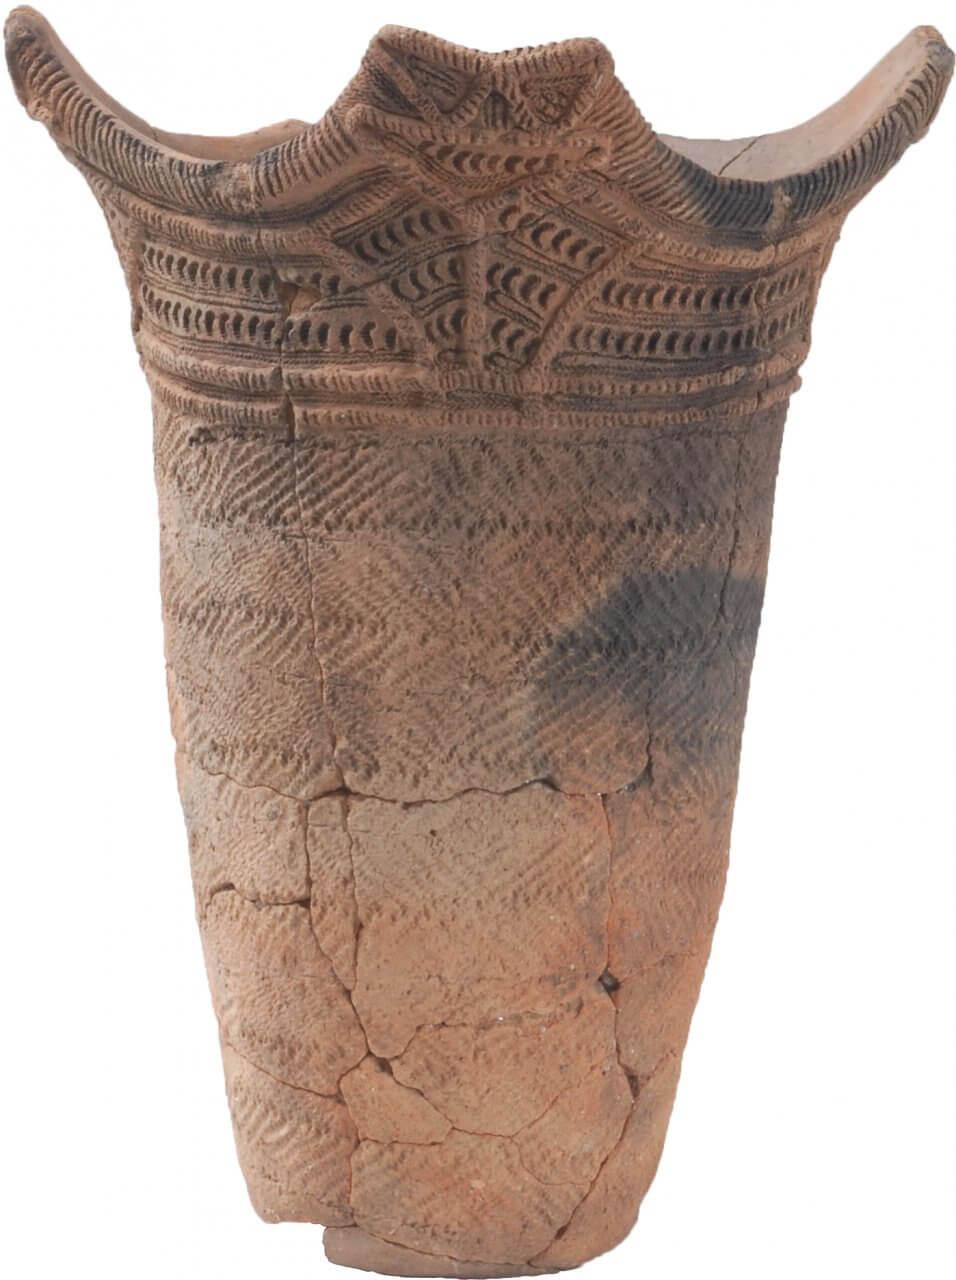 深鉢形土器 円筒上層b式(一王寺遺跡出土)